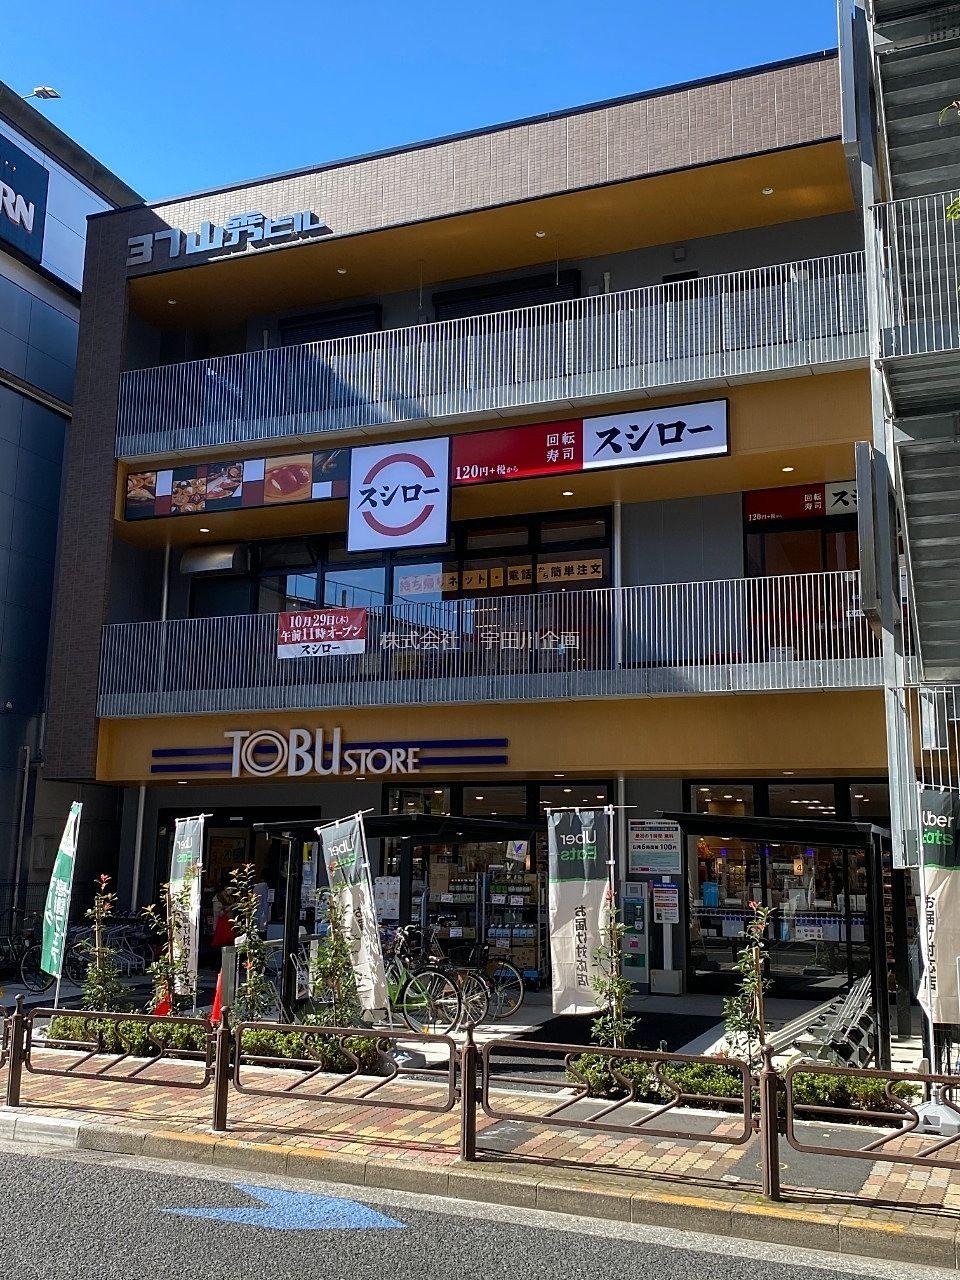 2020年10月29日 スシロー葛西駅前店オープン